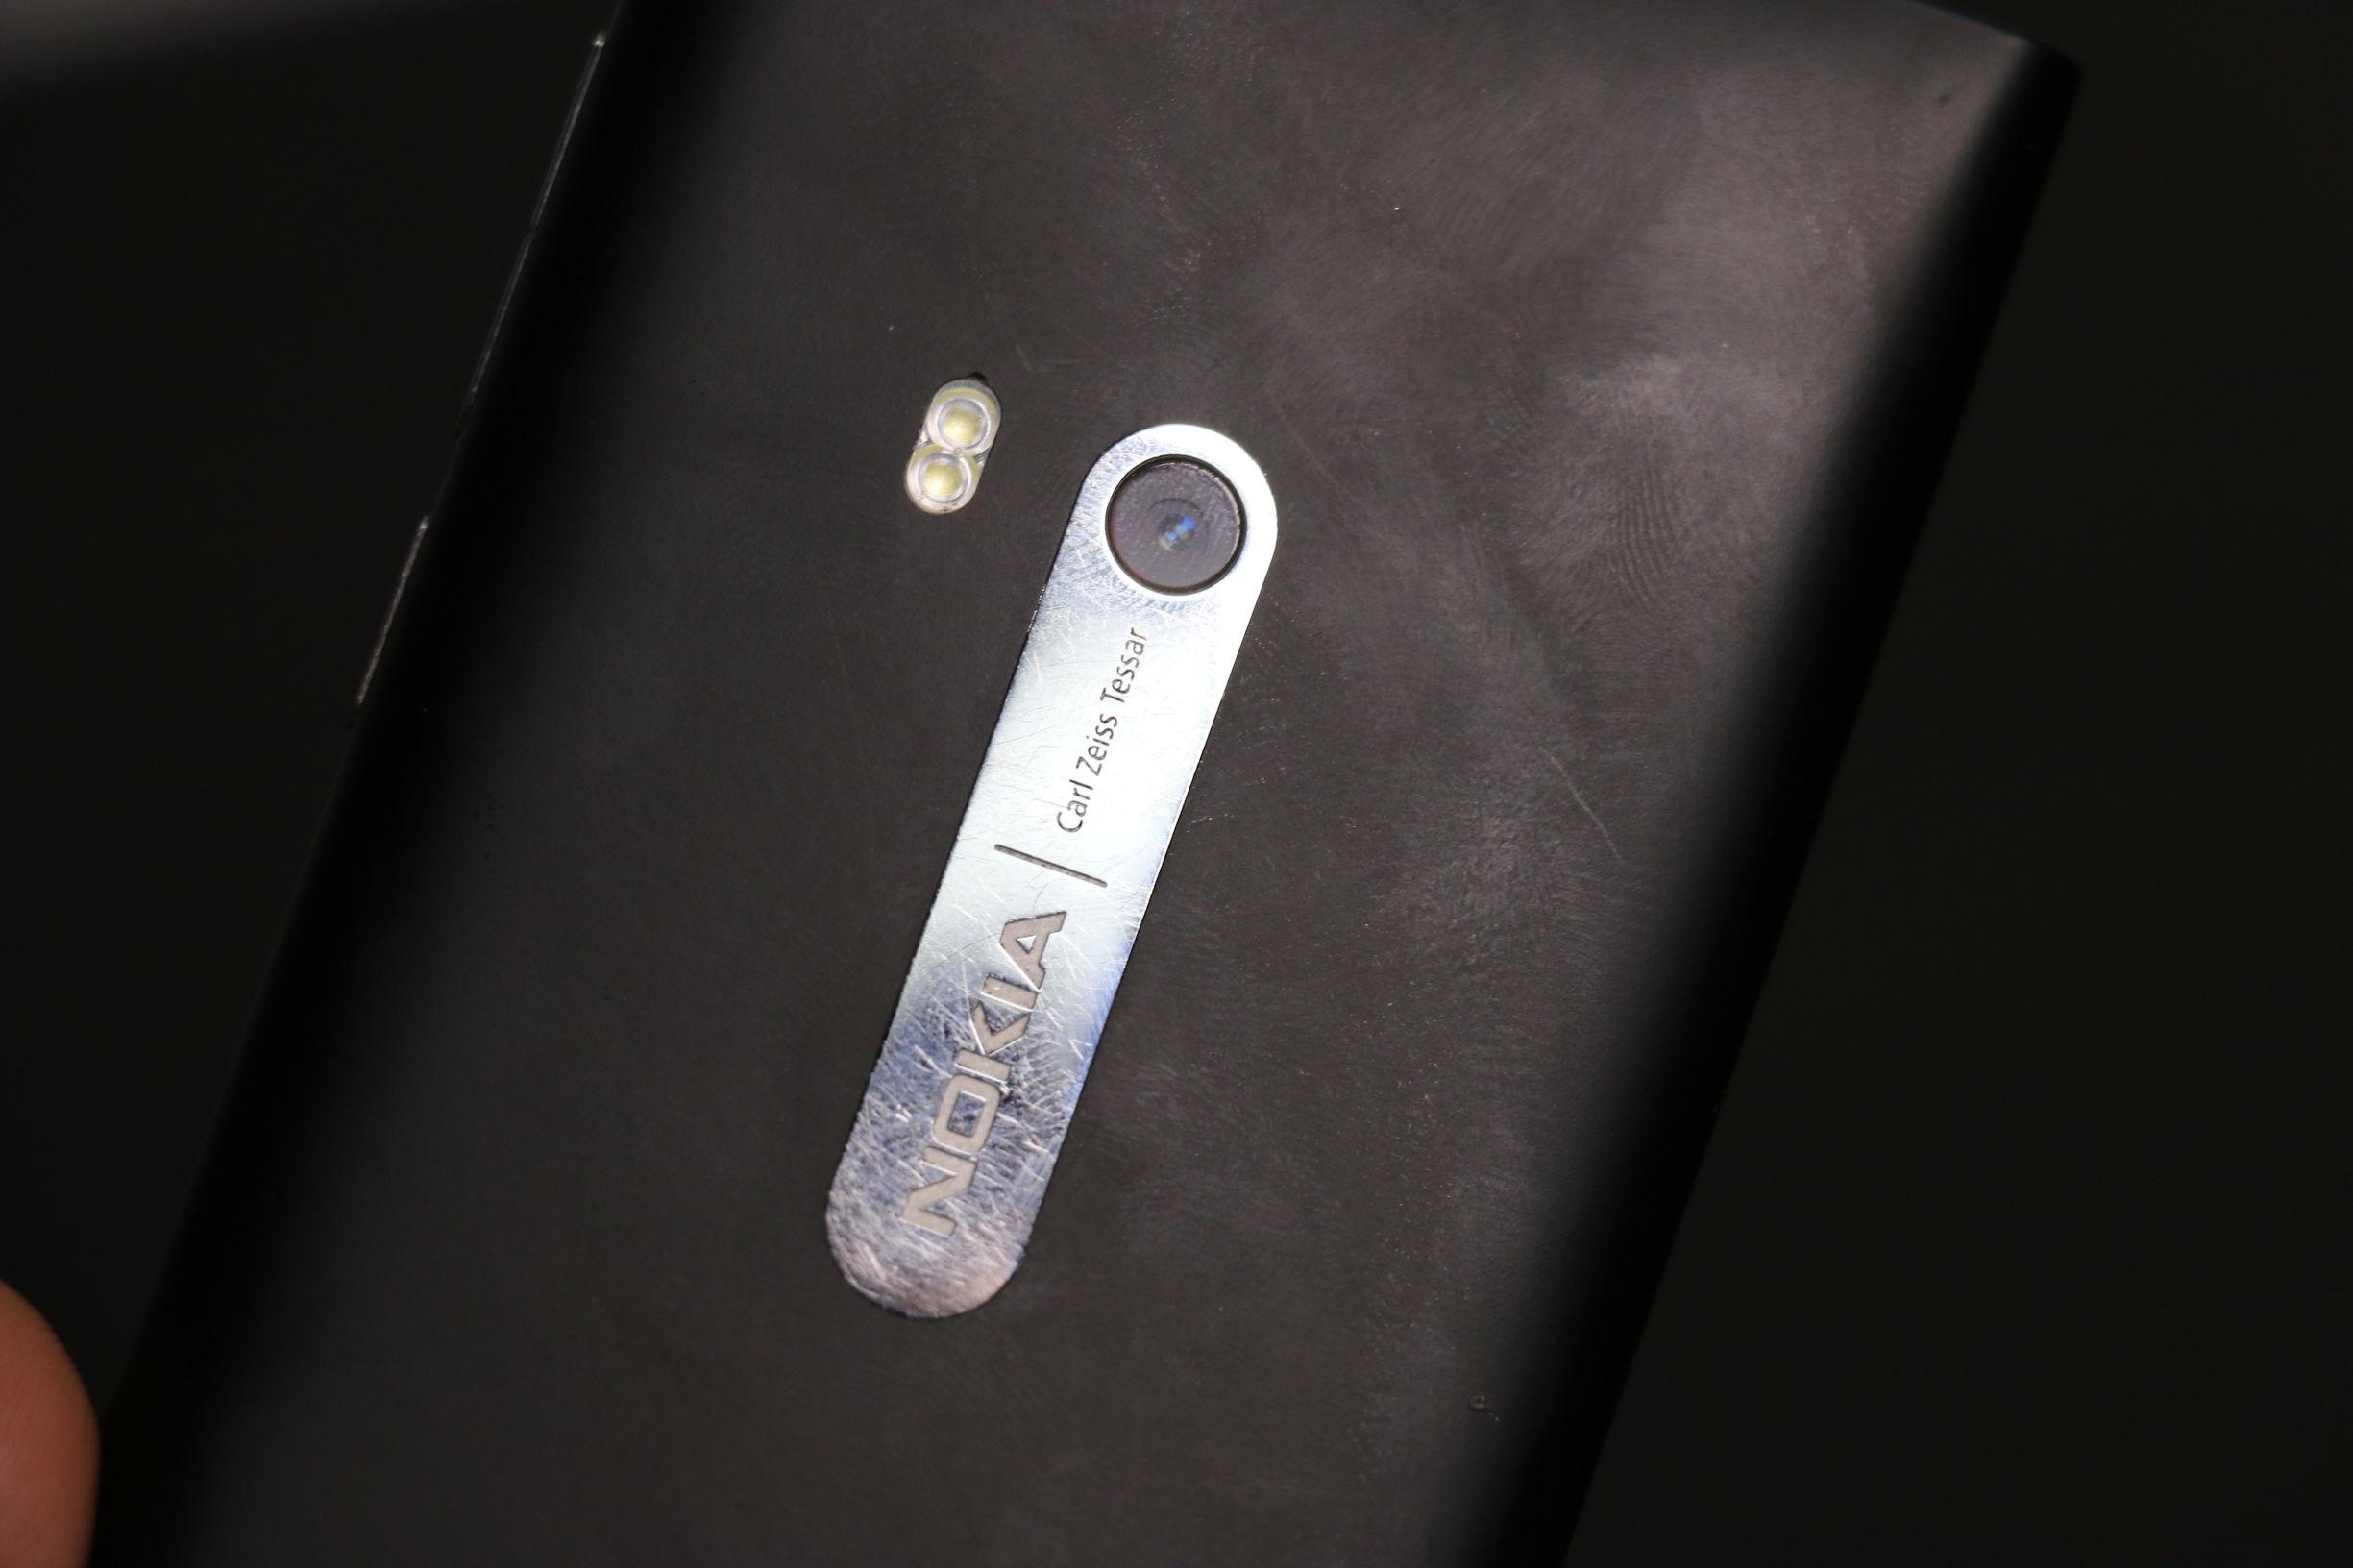 复古数码科技:一百块钱买回来的NokiaN9拆箱